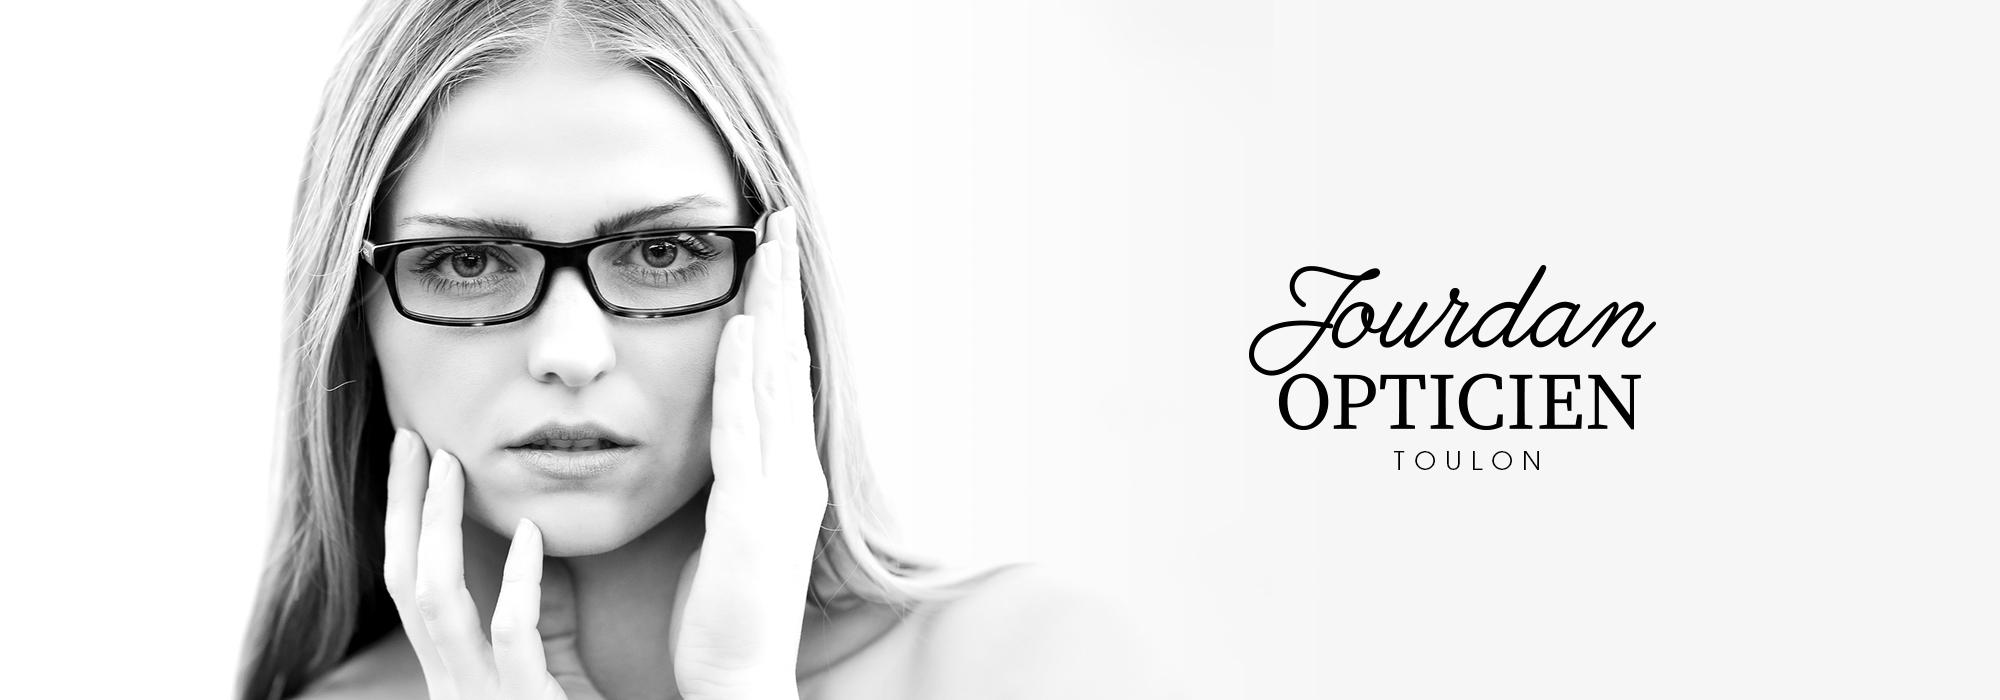 Nos lunettes optique jourdan